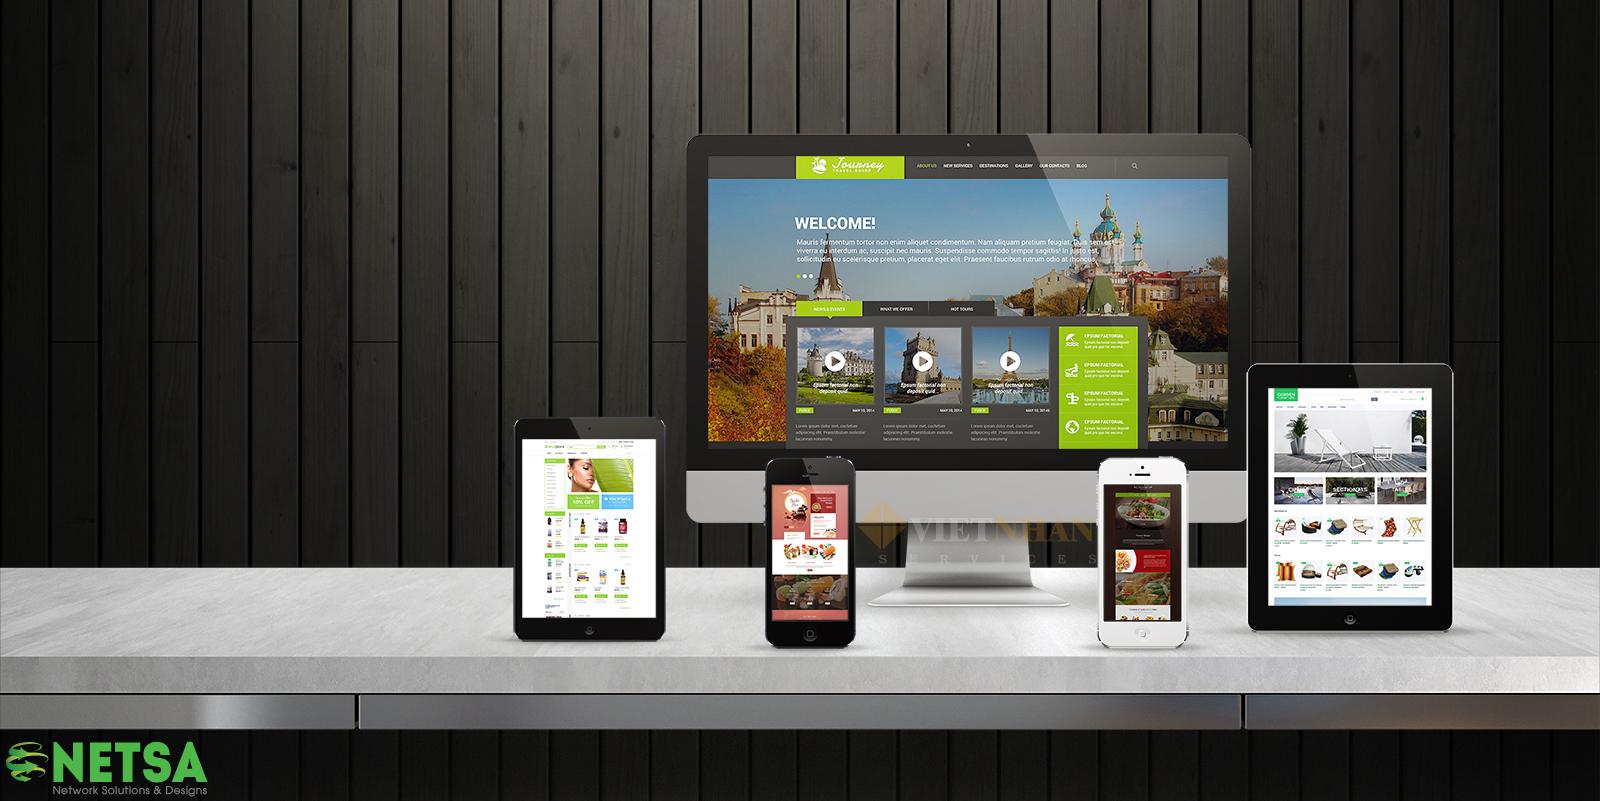 Thiết kế website giới thiệu dịch vụ chuyện nghiệp theo yêu cầu khách hàng tại Thủ Đức